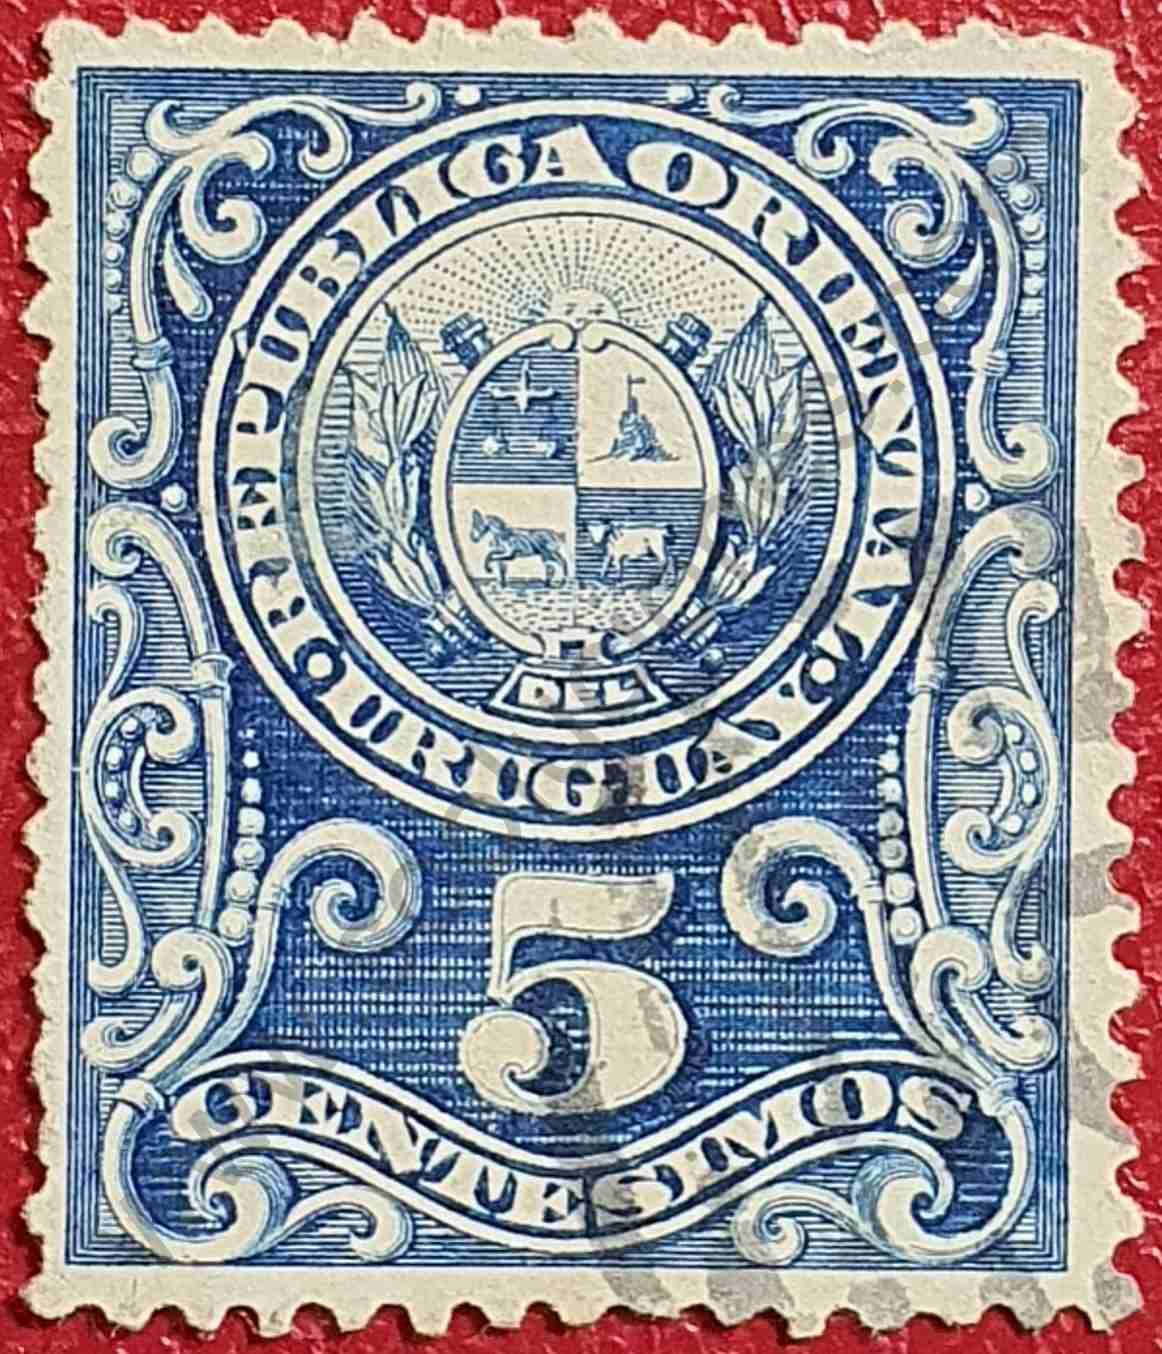 Número 5 y Escudo - Sello de Uruguay 1889